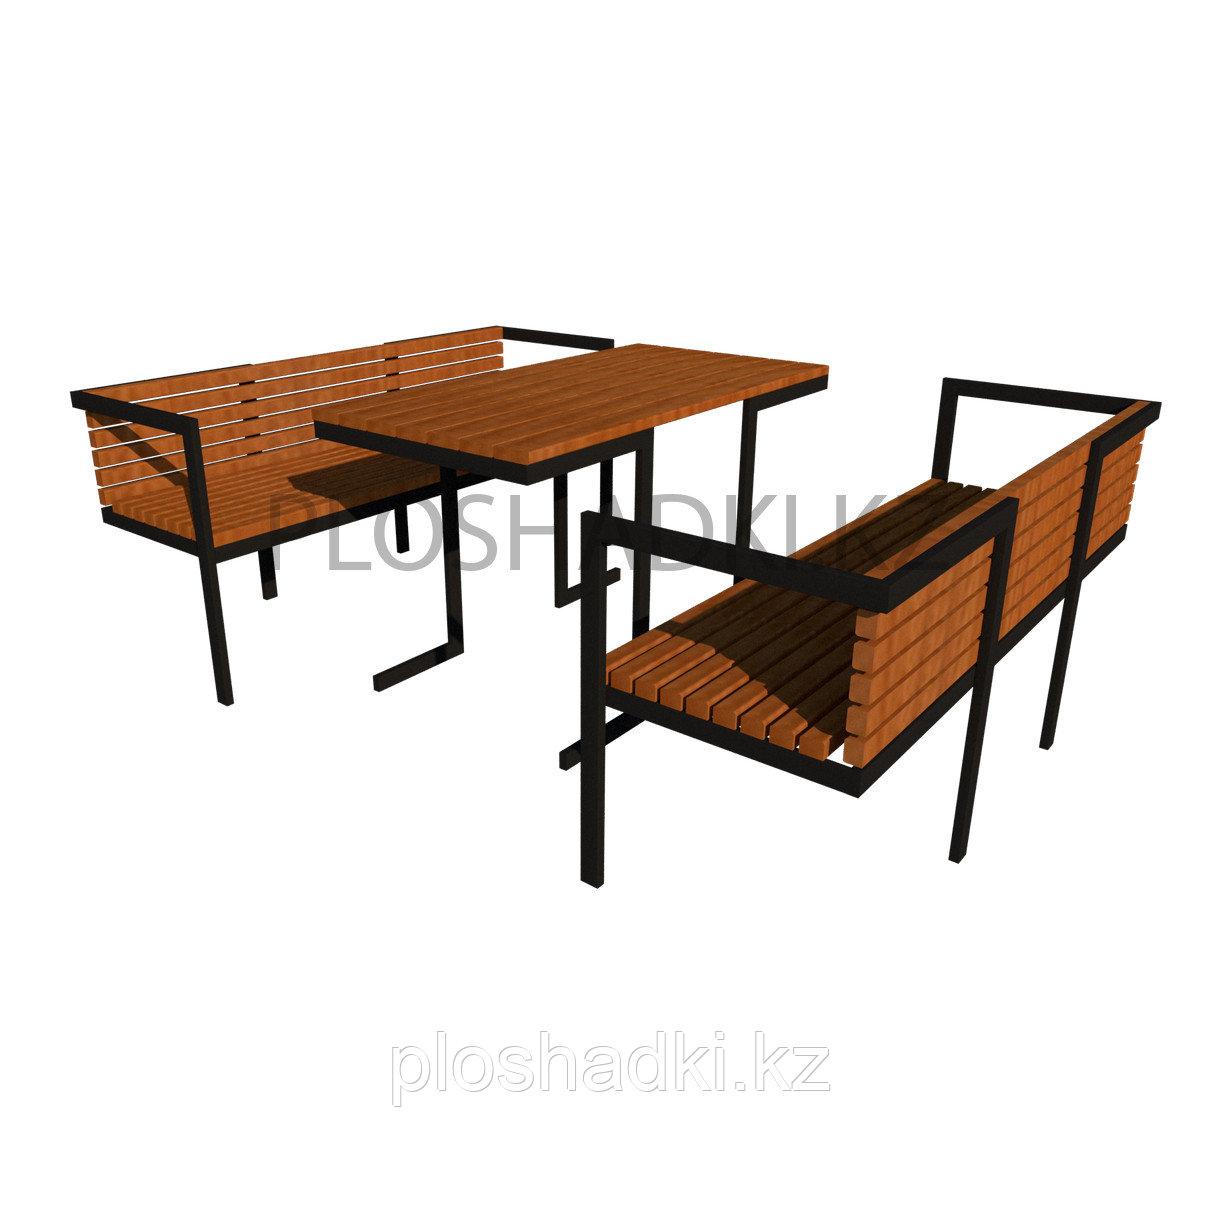 Лавочка со столом деревянная